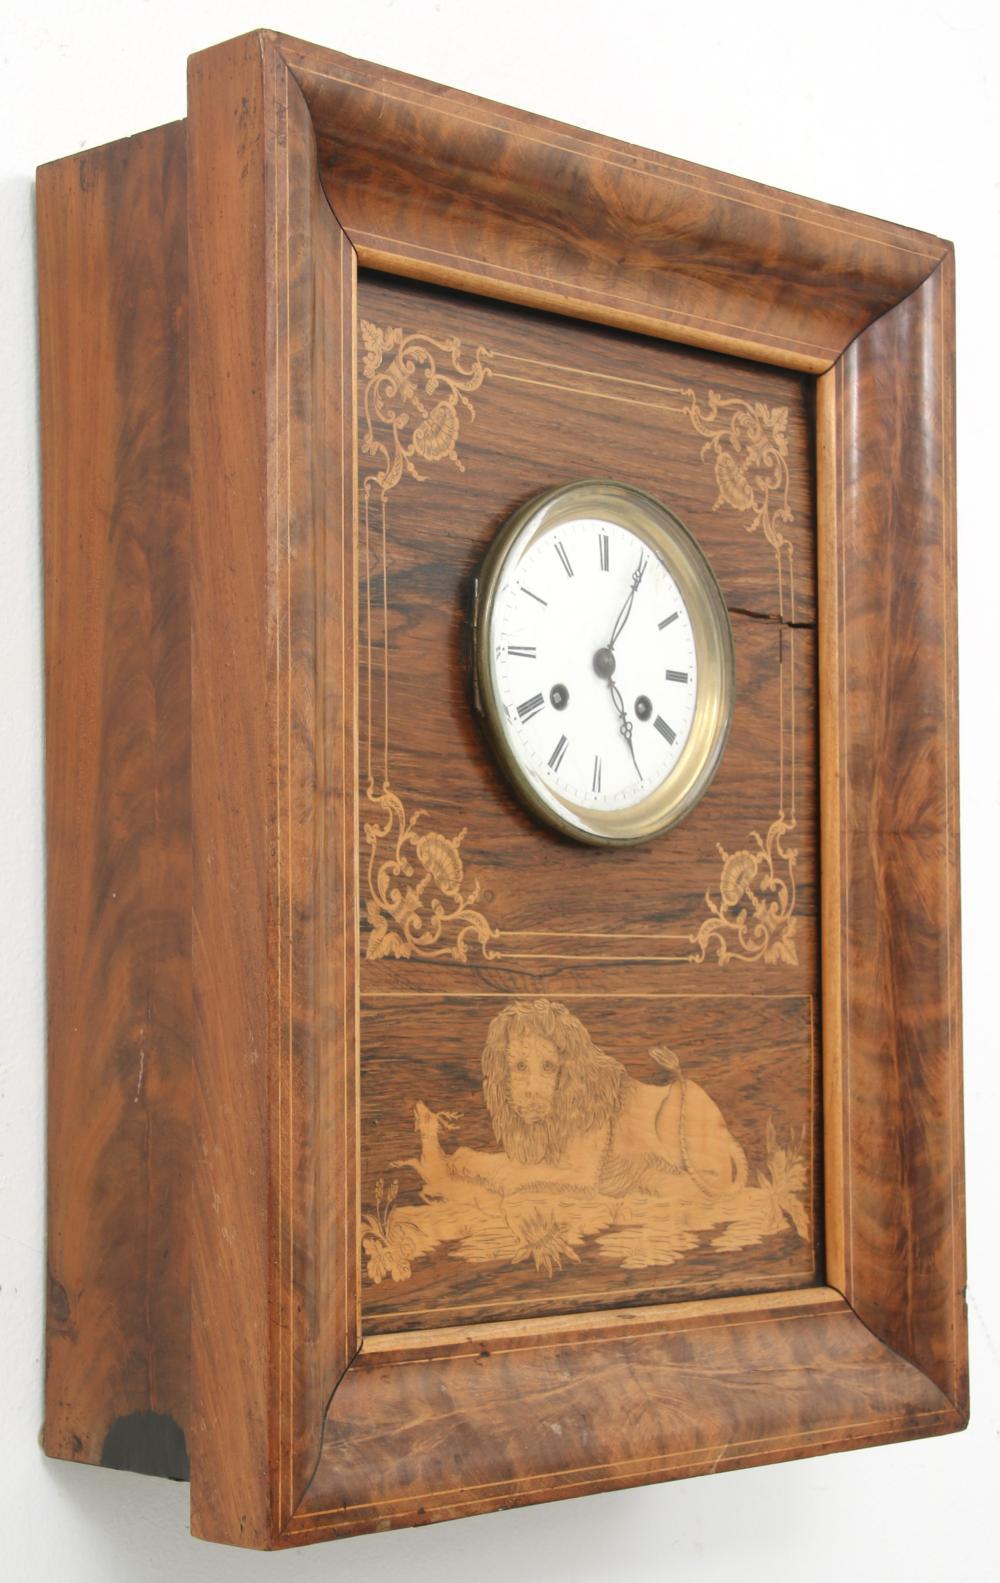 French Silk Thread Inlaid Wall Clock